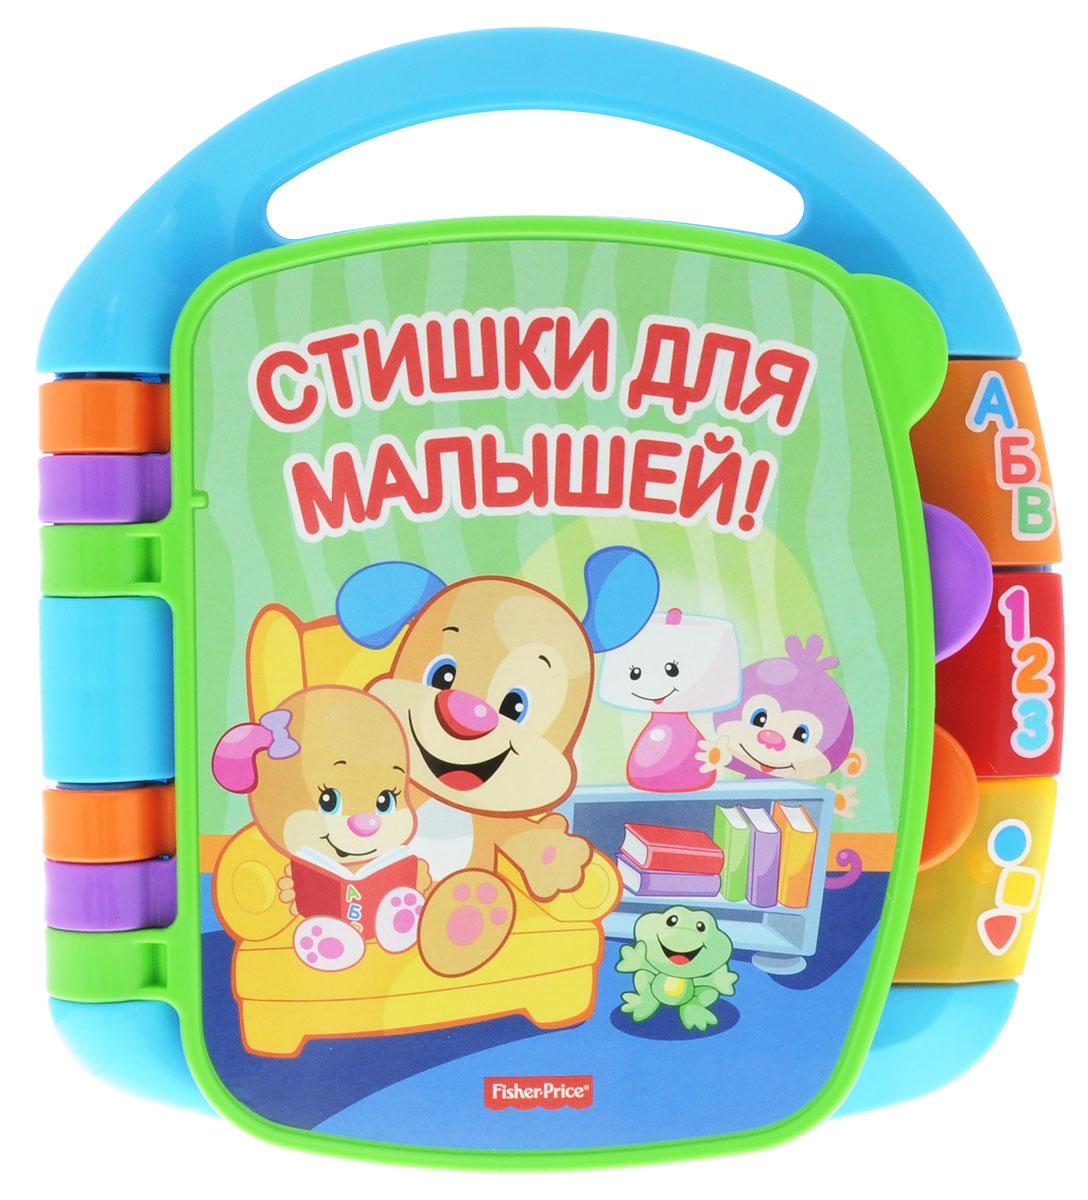 Fisher-Price Книжка-игрушка Стишки для малышей песенки для малышей книжка игрушка